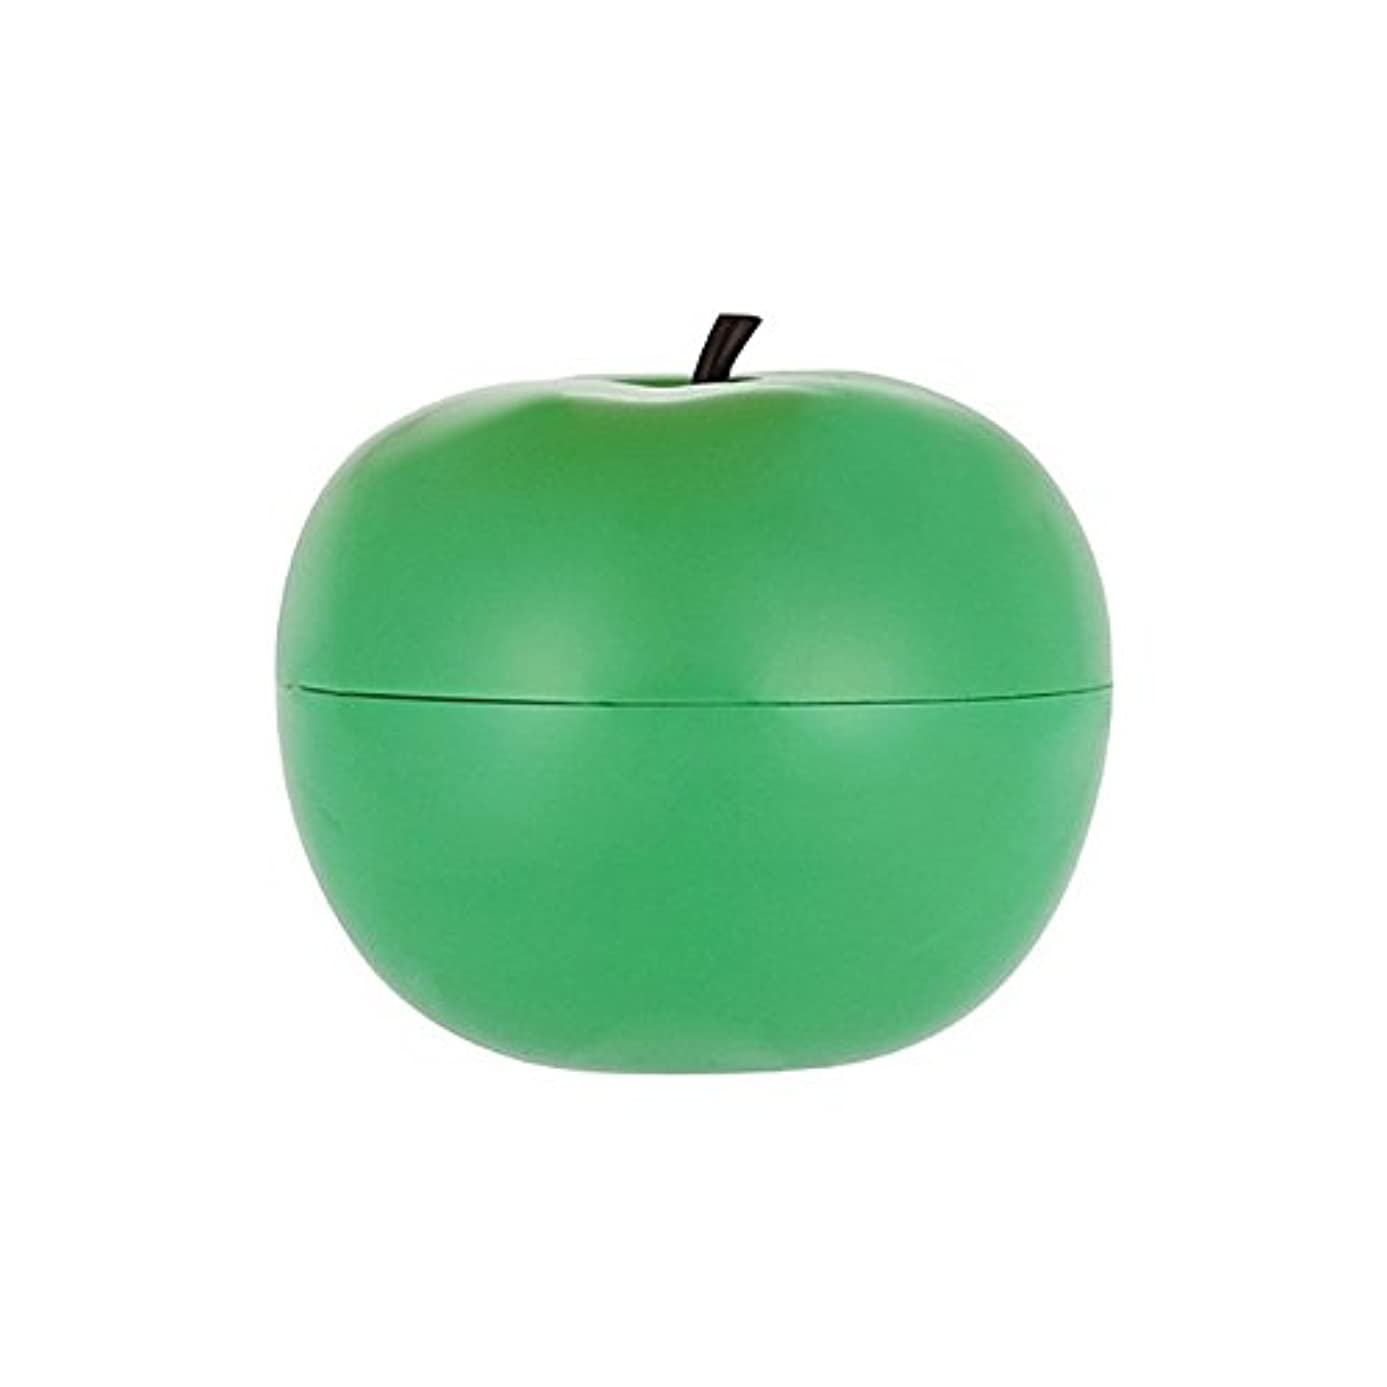 誤解させるダイアクリティカル種をまくTony Moly Appletox Smooth Massage Peeling Cream 80G - トニーモリースムーズマッサージピーリングクリーム80グラム [並行輸入品]